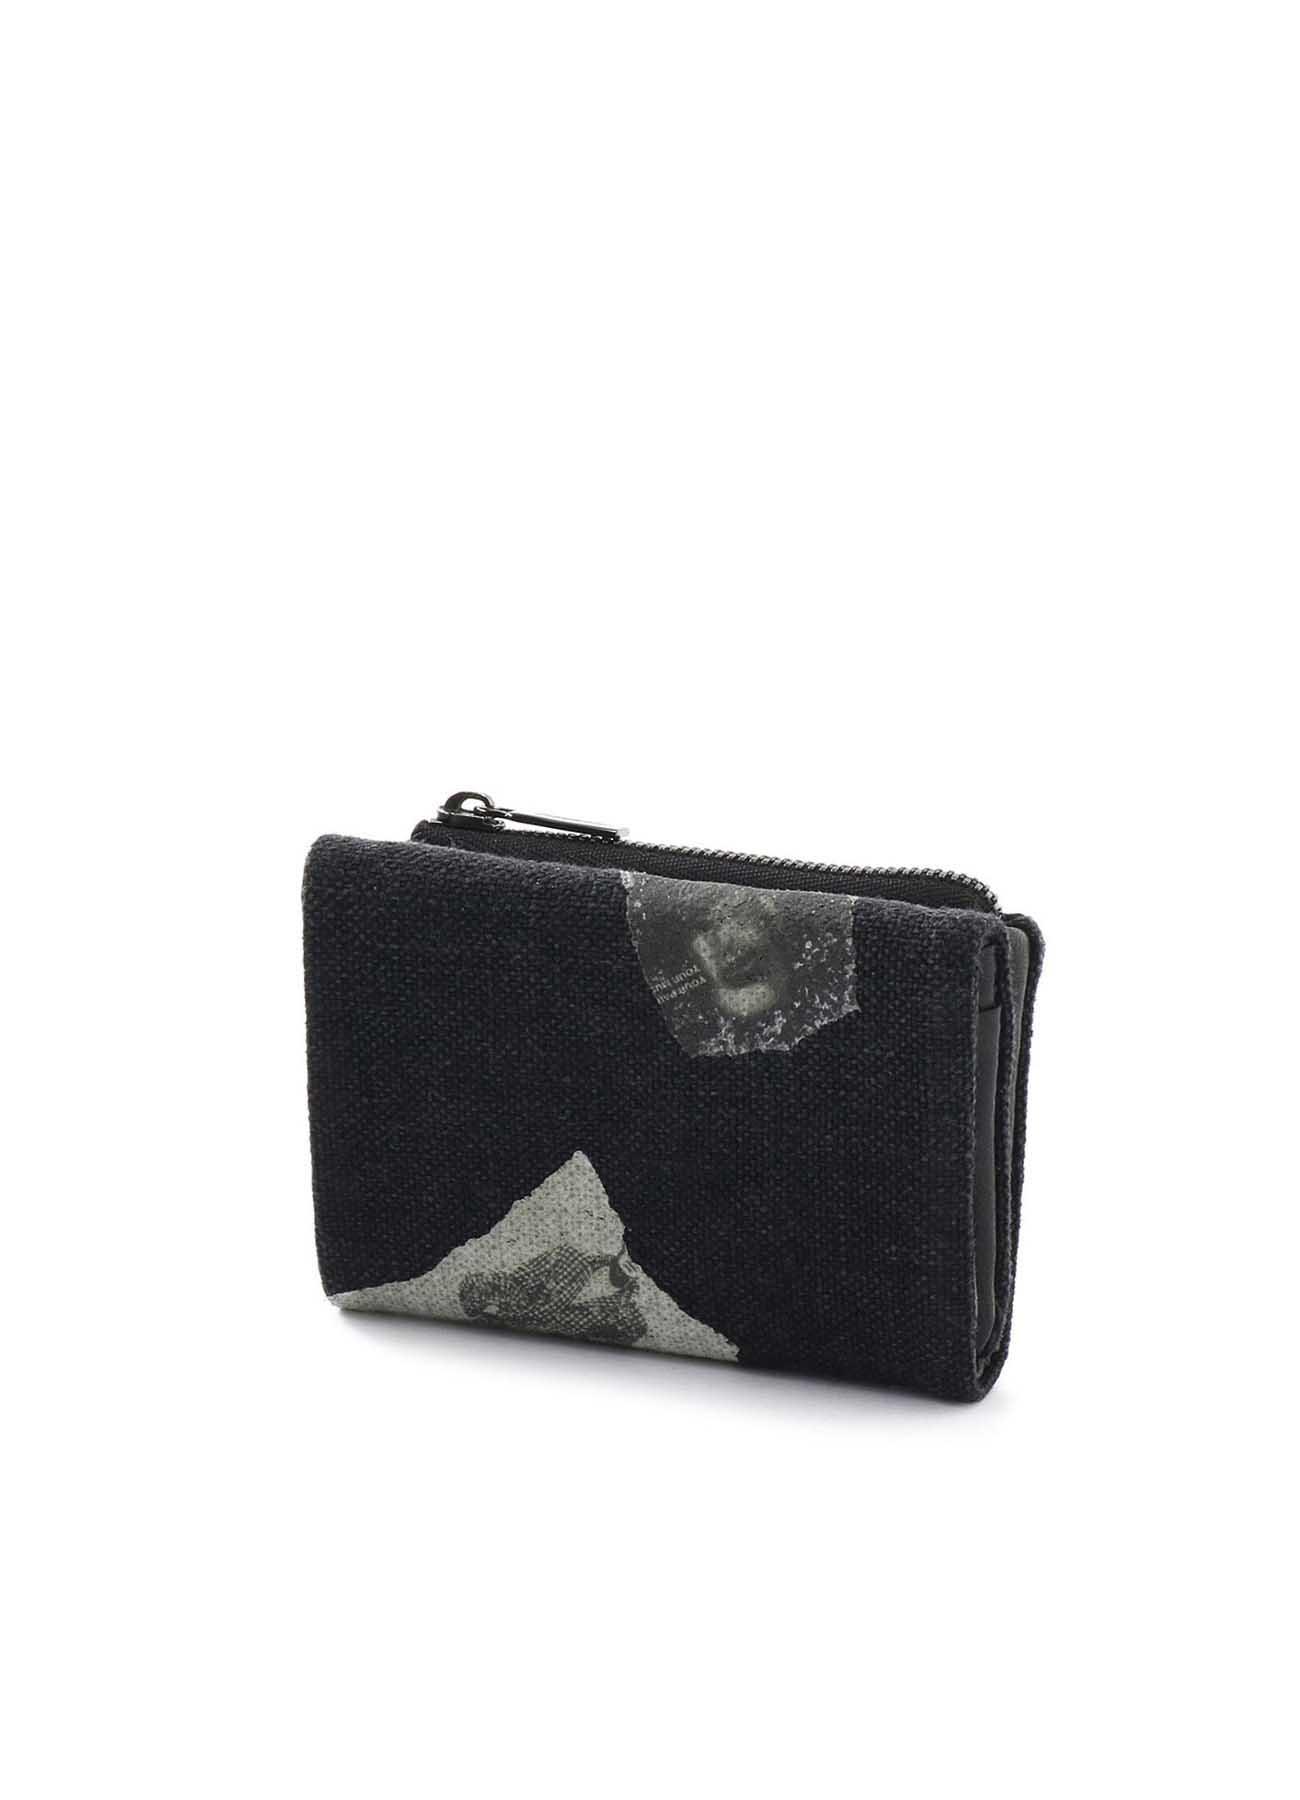 Broken paper Wallet(S)